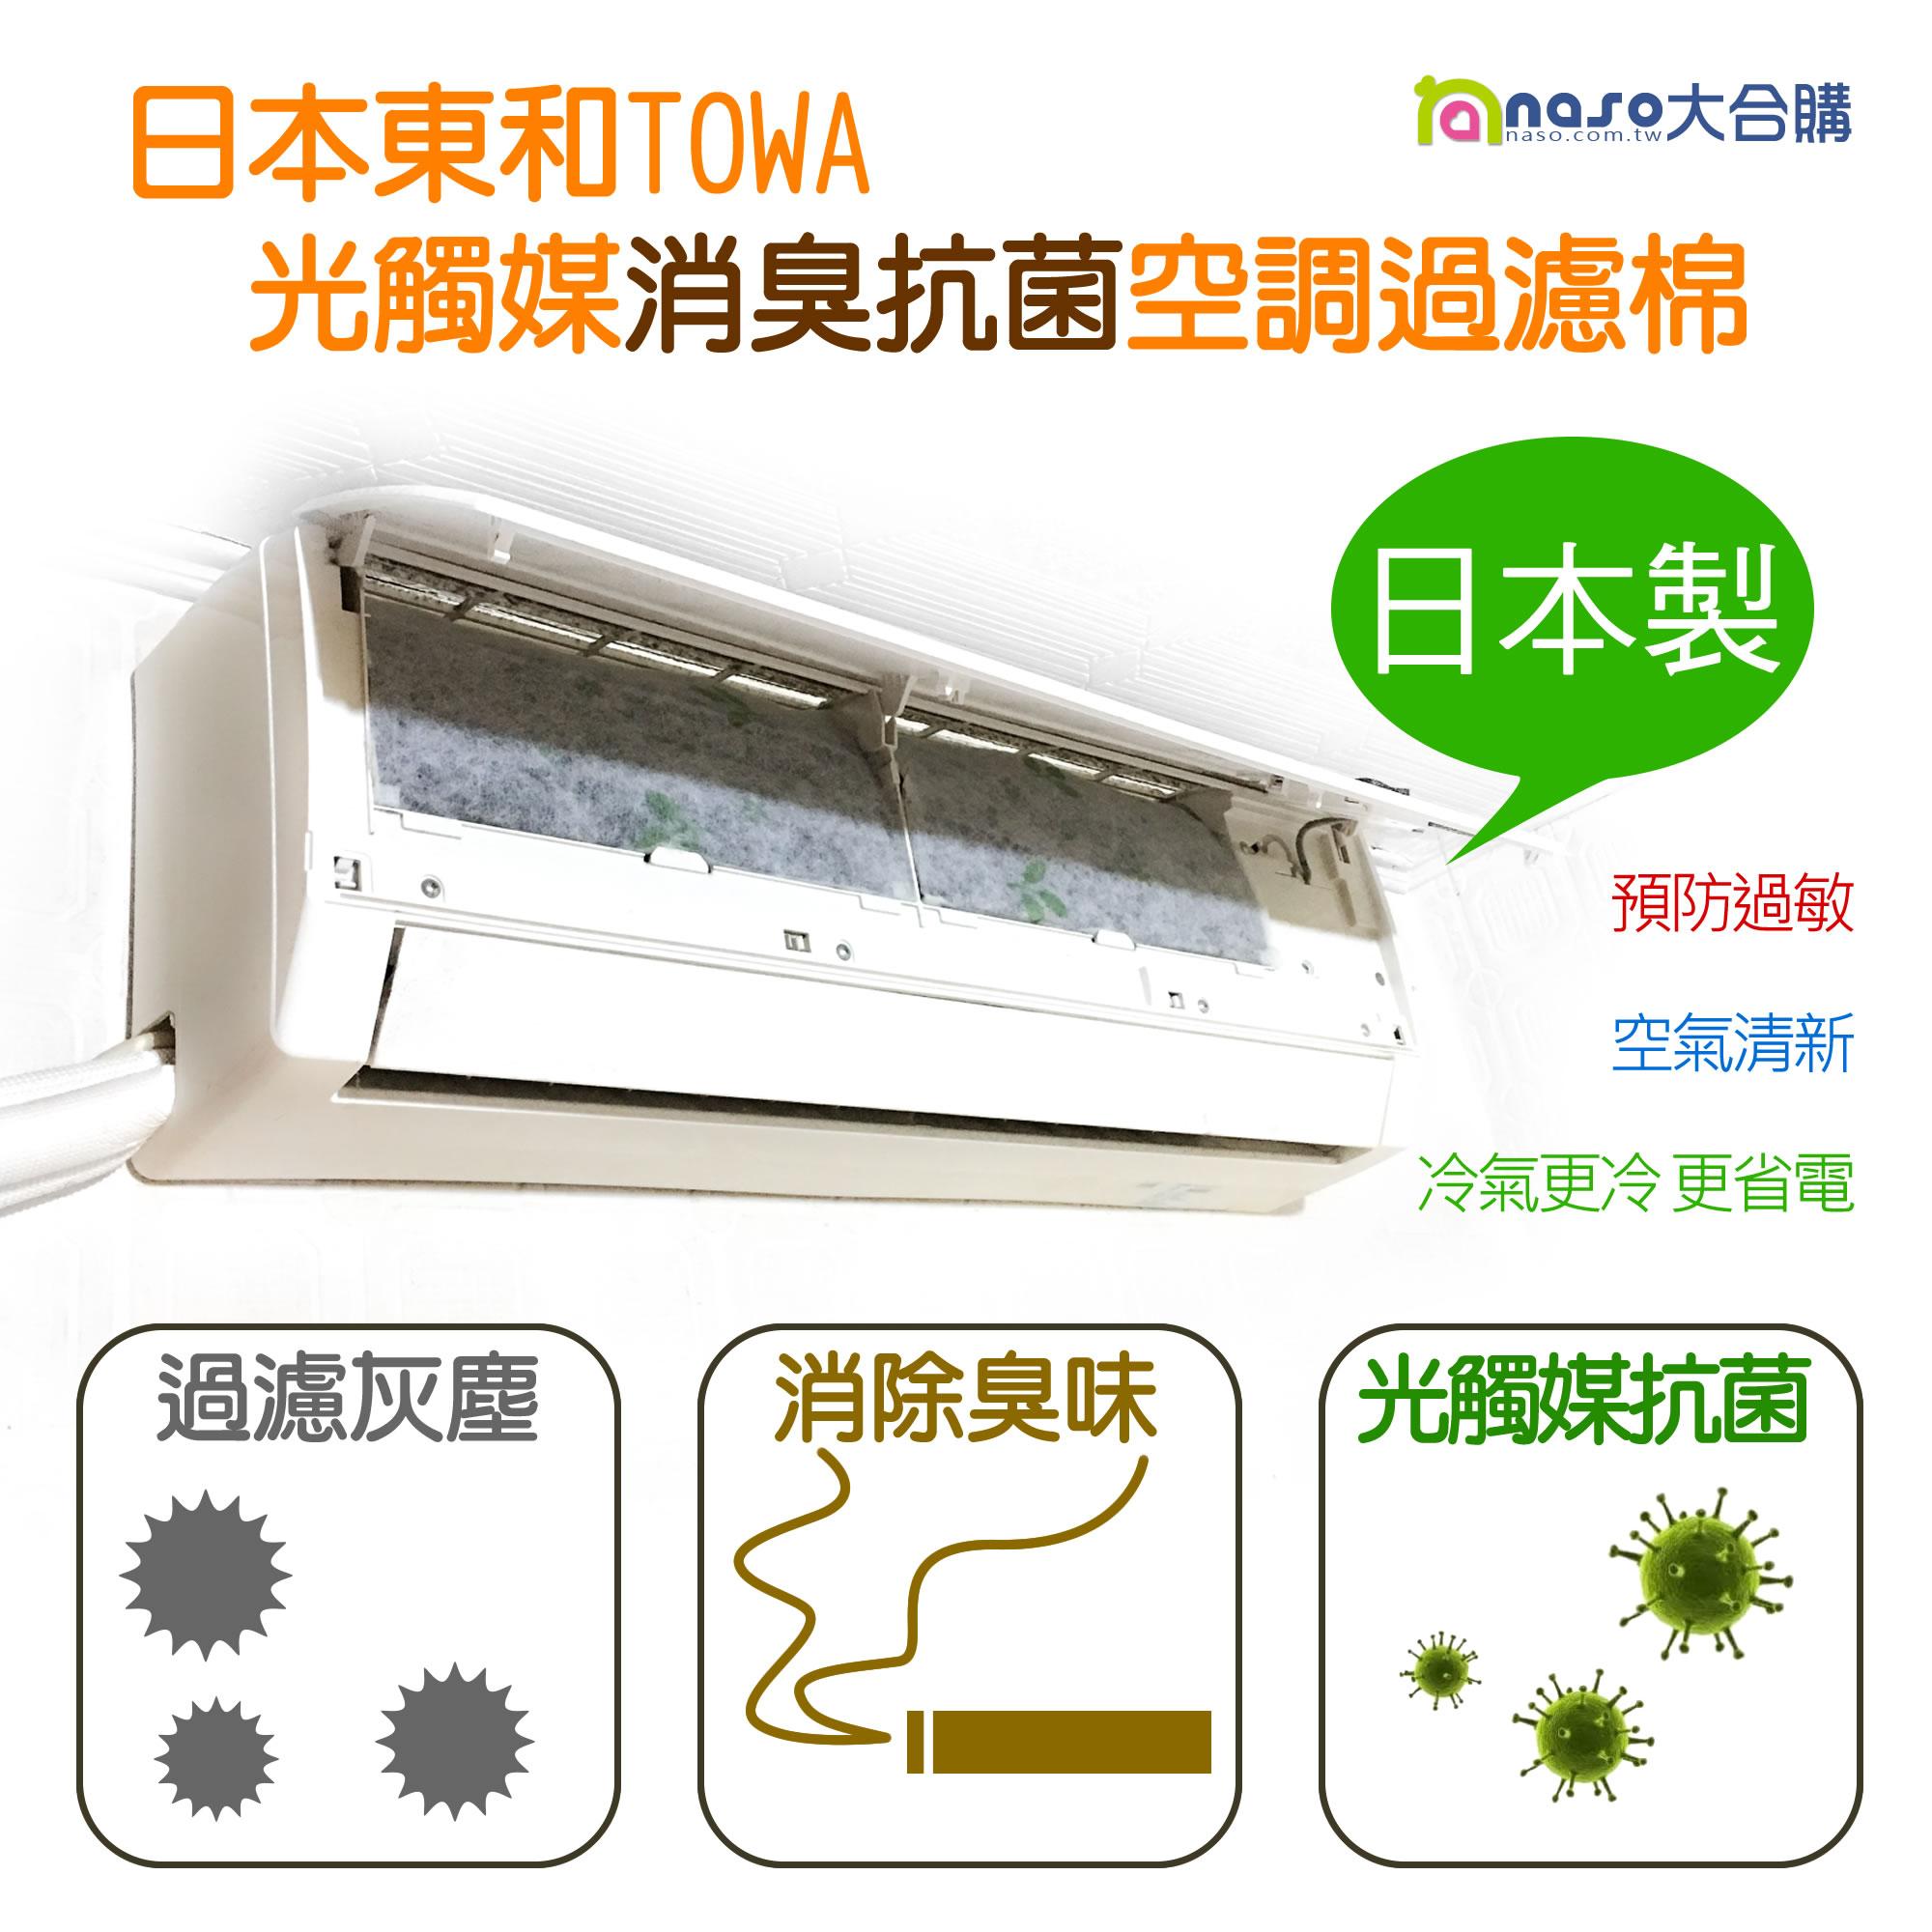 【日本東和】TOWA光觸媒消臭抗菌冷氣空調過濾棉(3枚入) 好評第3團